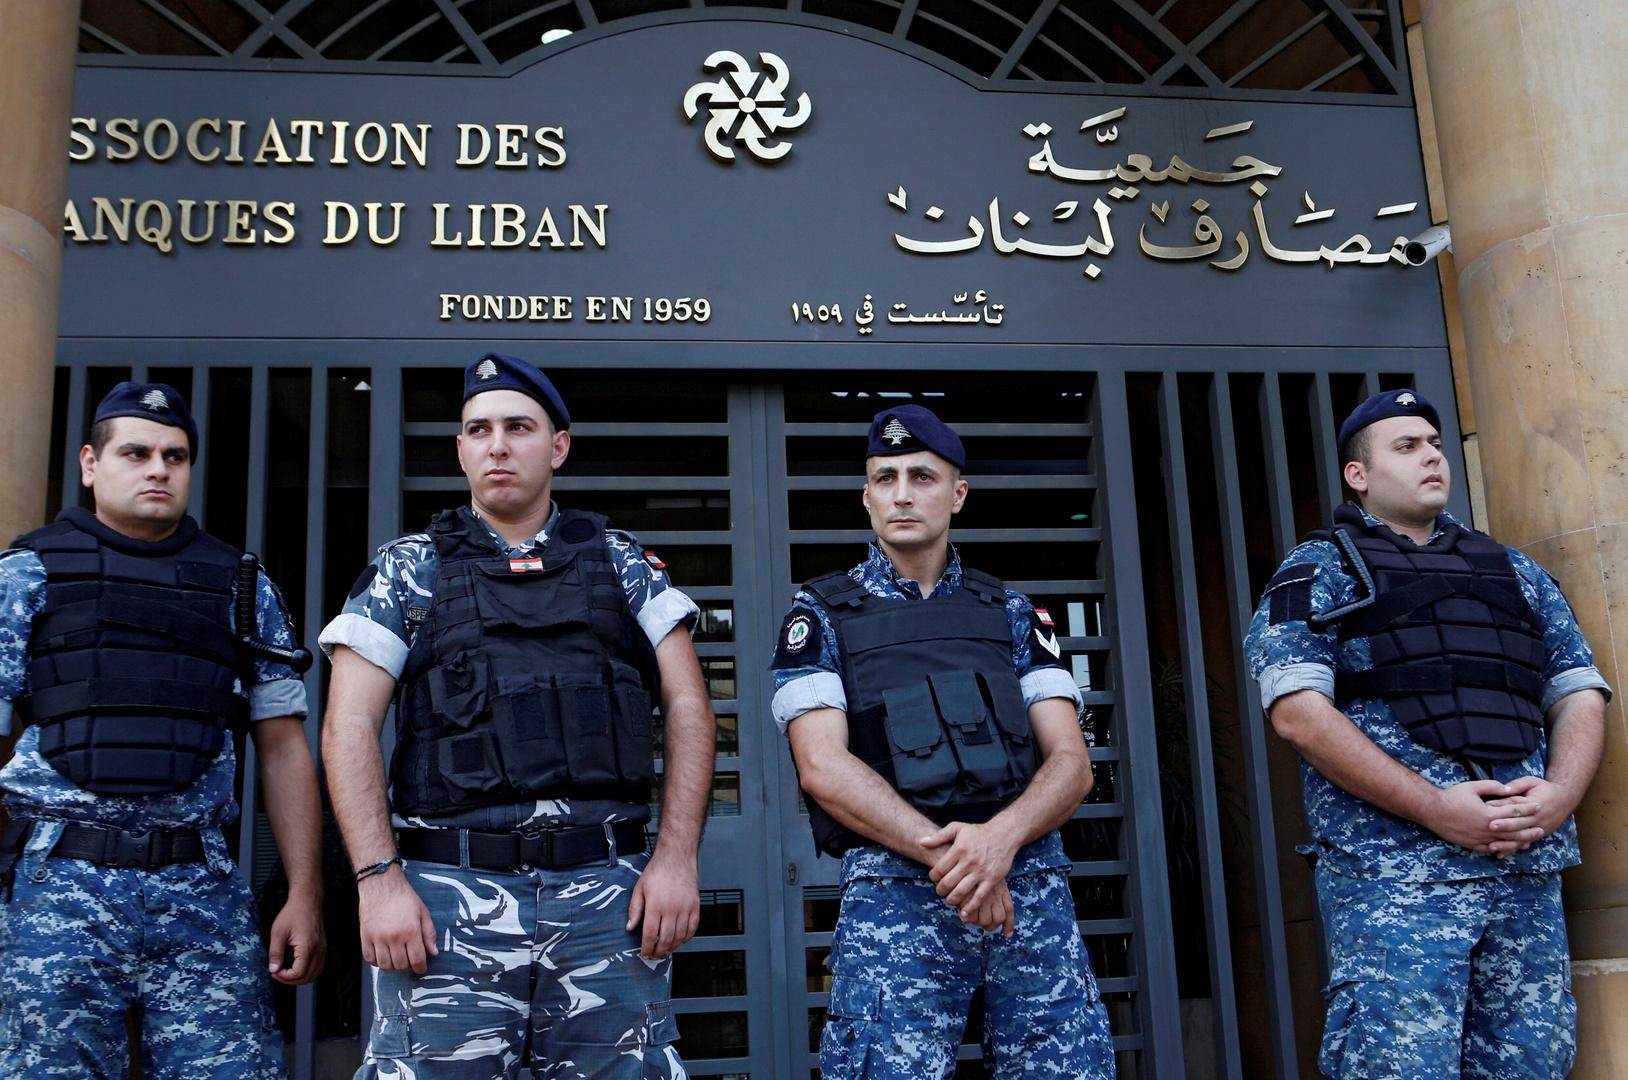 مقر جمعية المصارف اللبنانية في بيروت